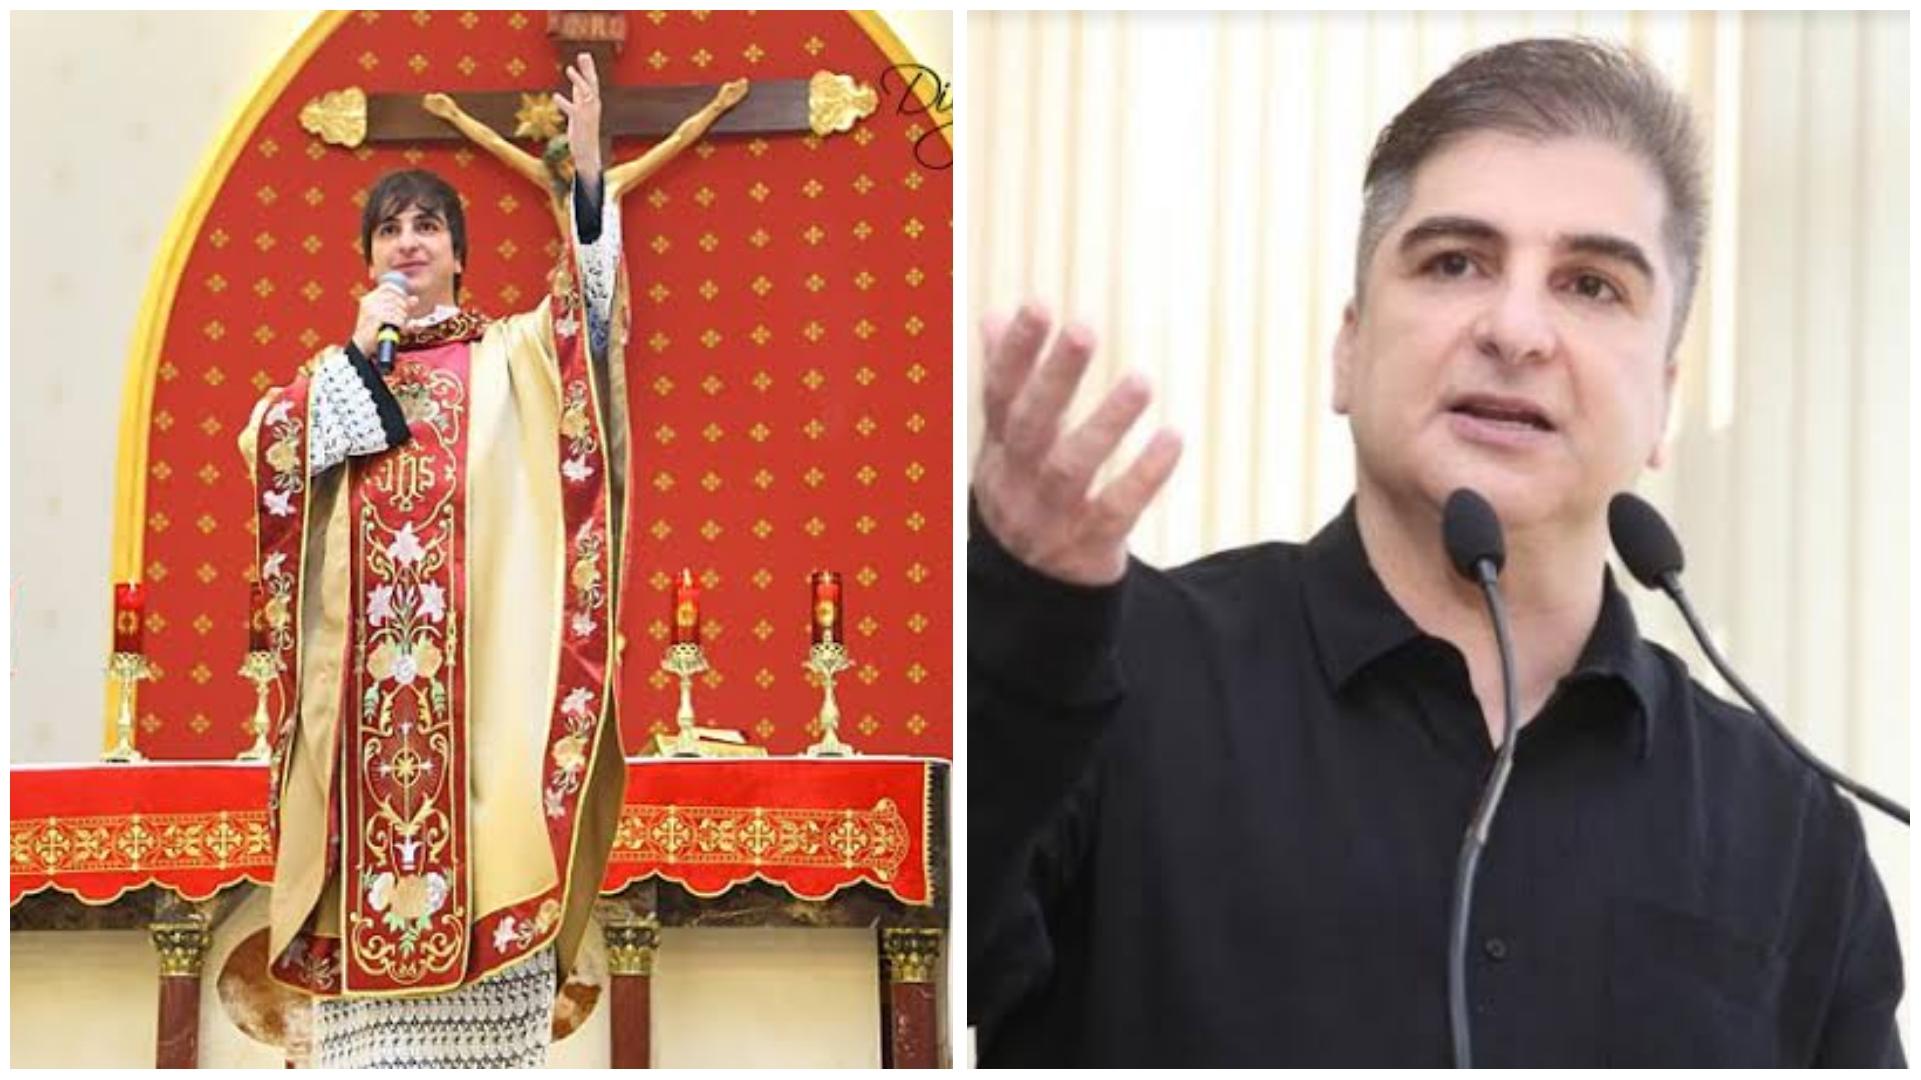 Padre Flávio comemora seus 50 anos de muito amor e trabalho por Sorocaba